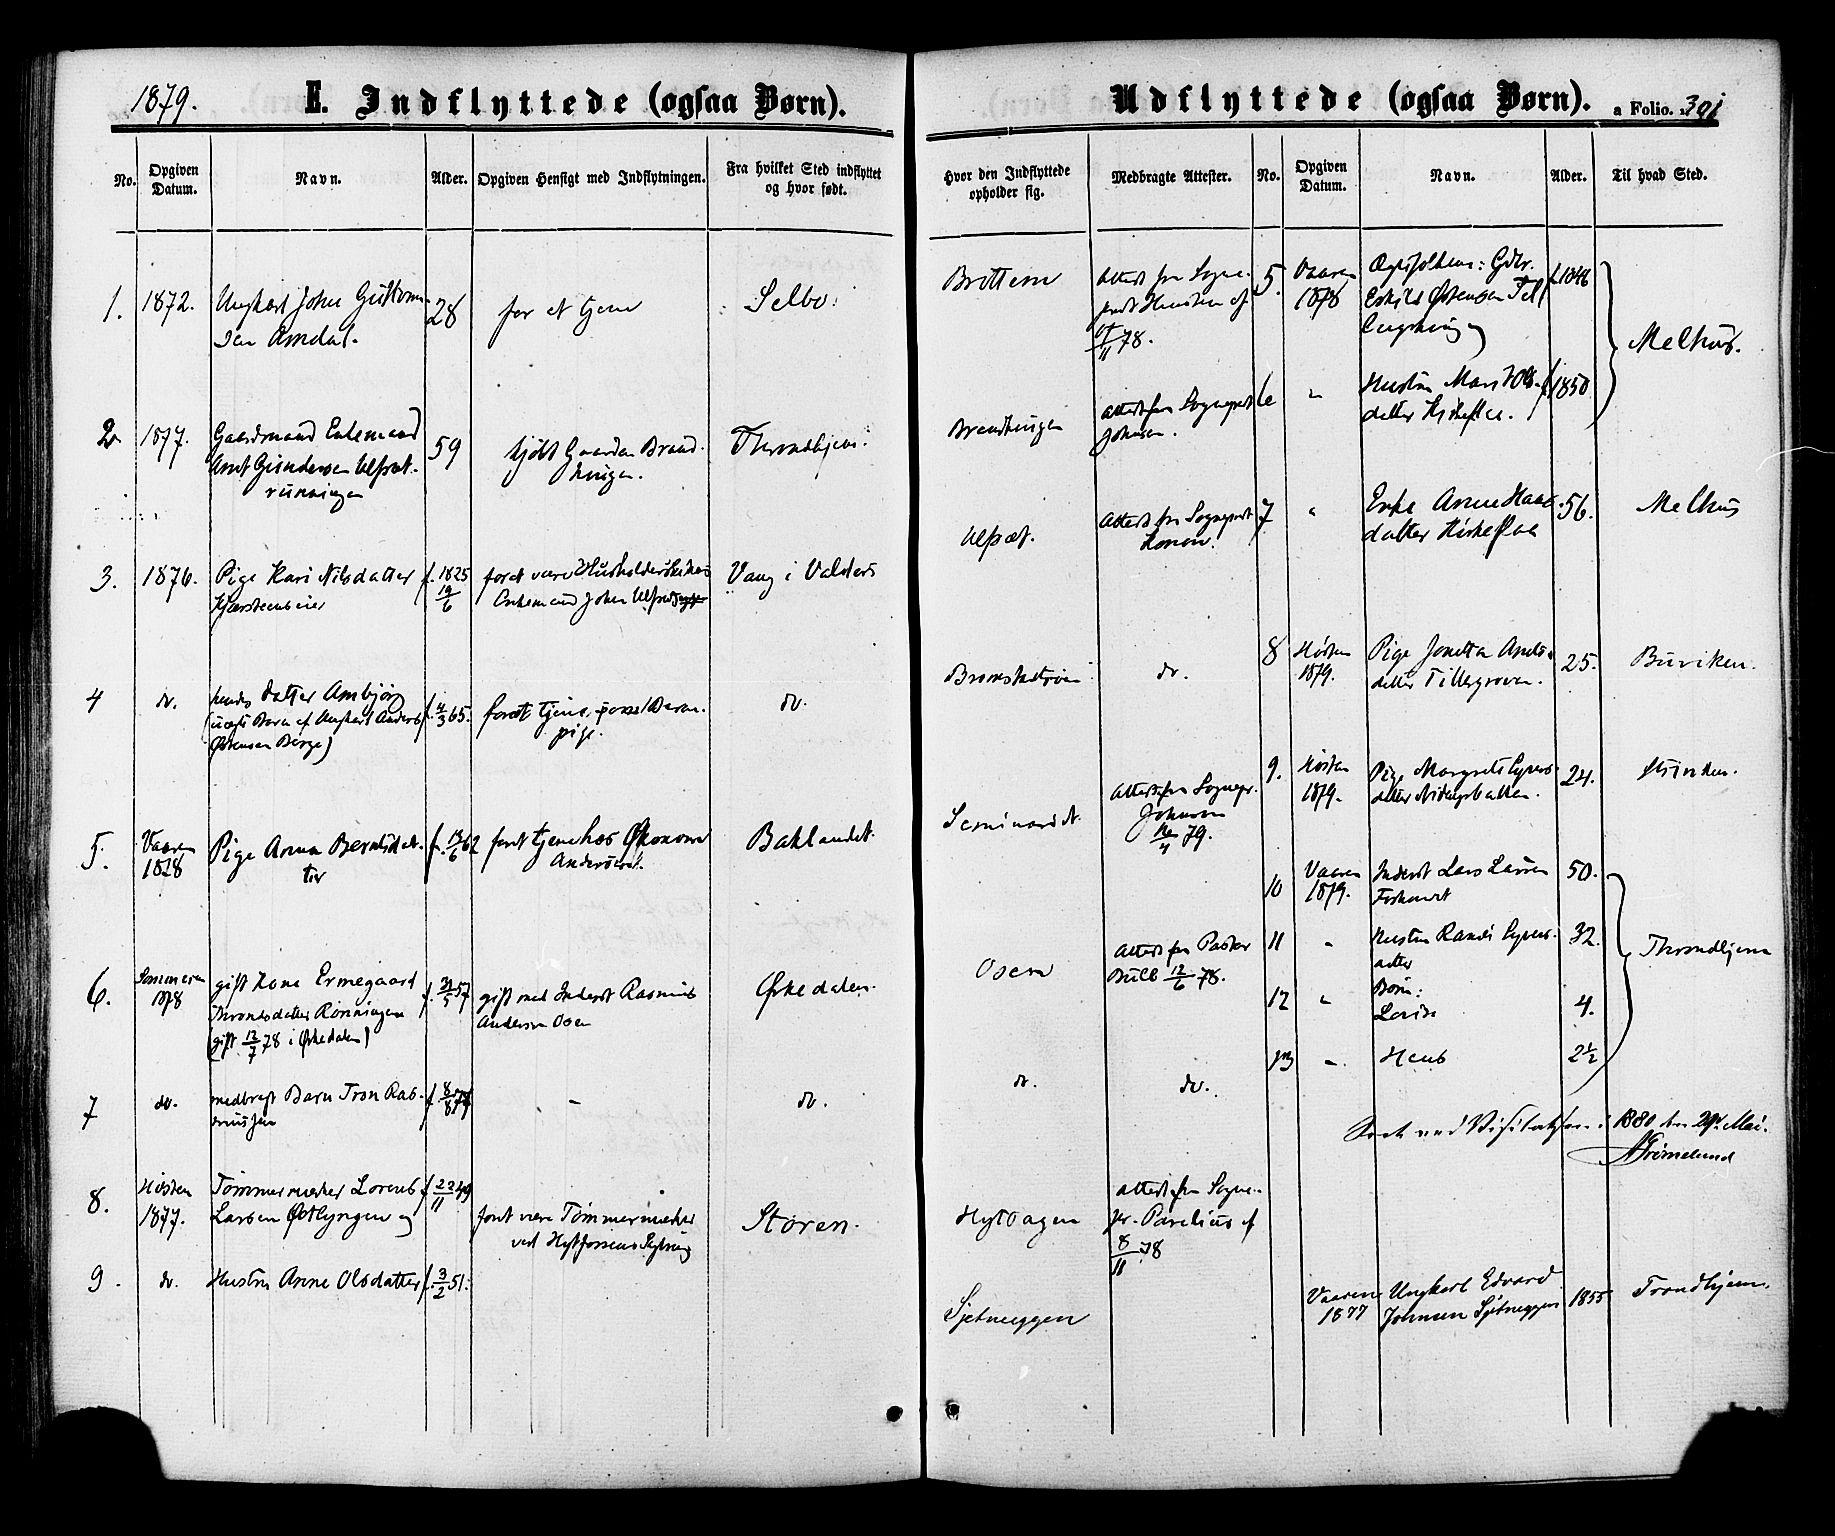 SAT, Ministerialprotokoller, klokkerbøker og fødselsregistre - Sør-Trøndelag, 618/L0442: Ministerialbok nr. 618A06 /1, 1863-1879, s. 301